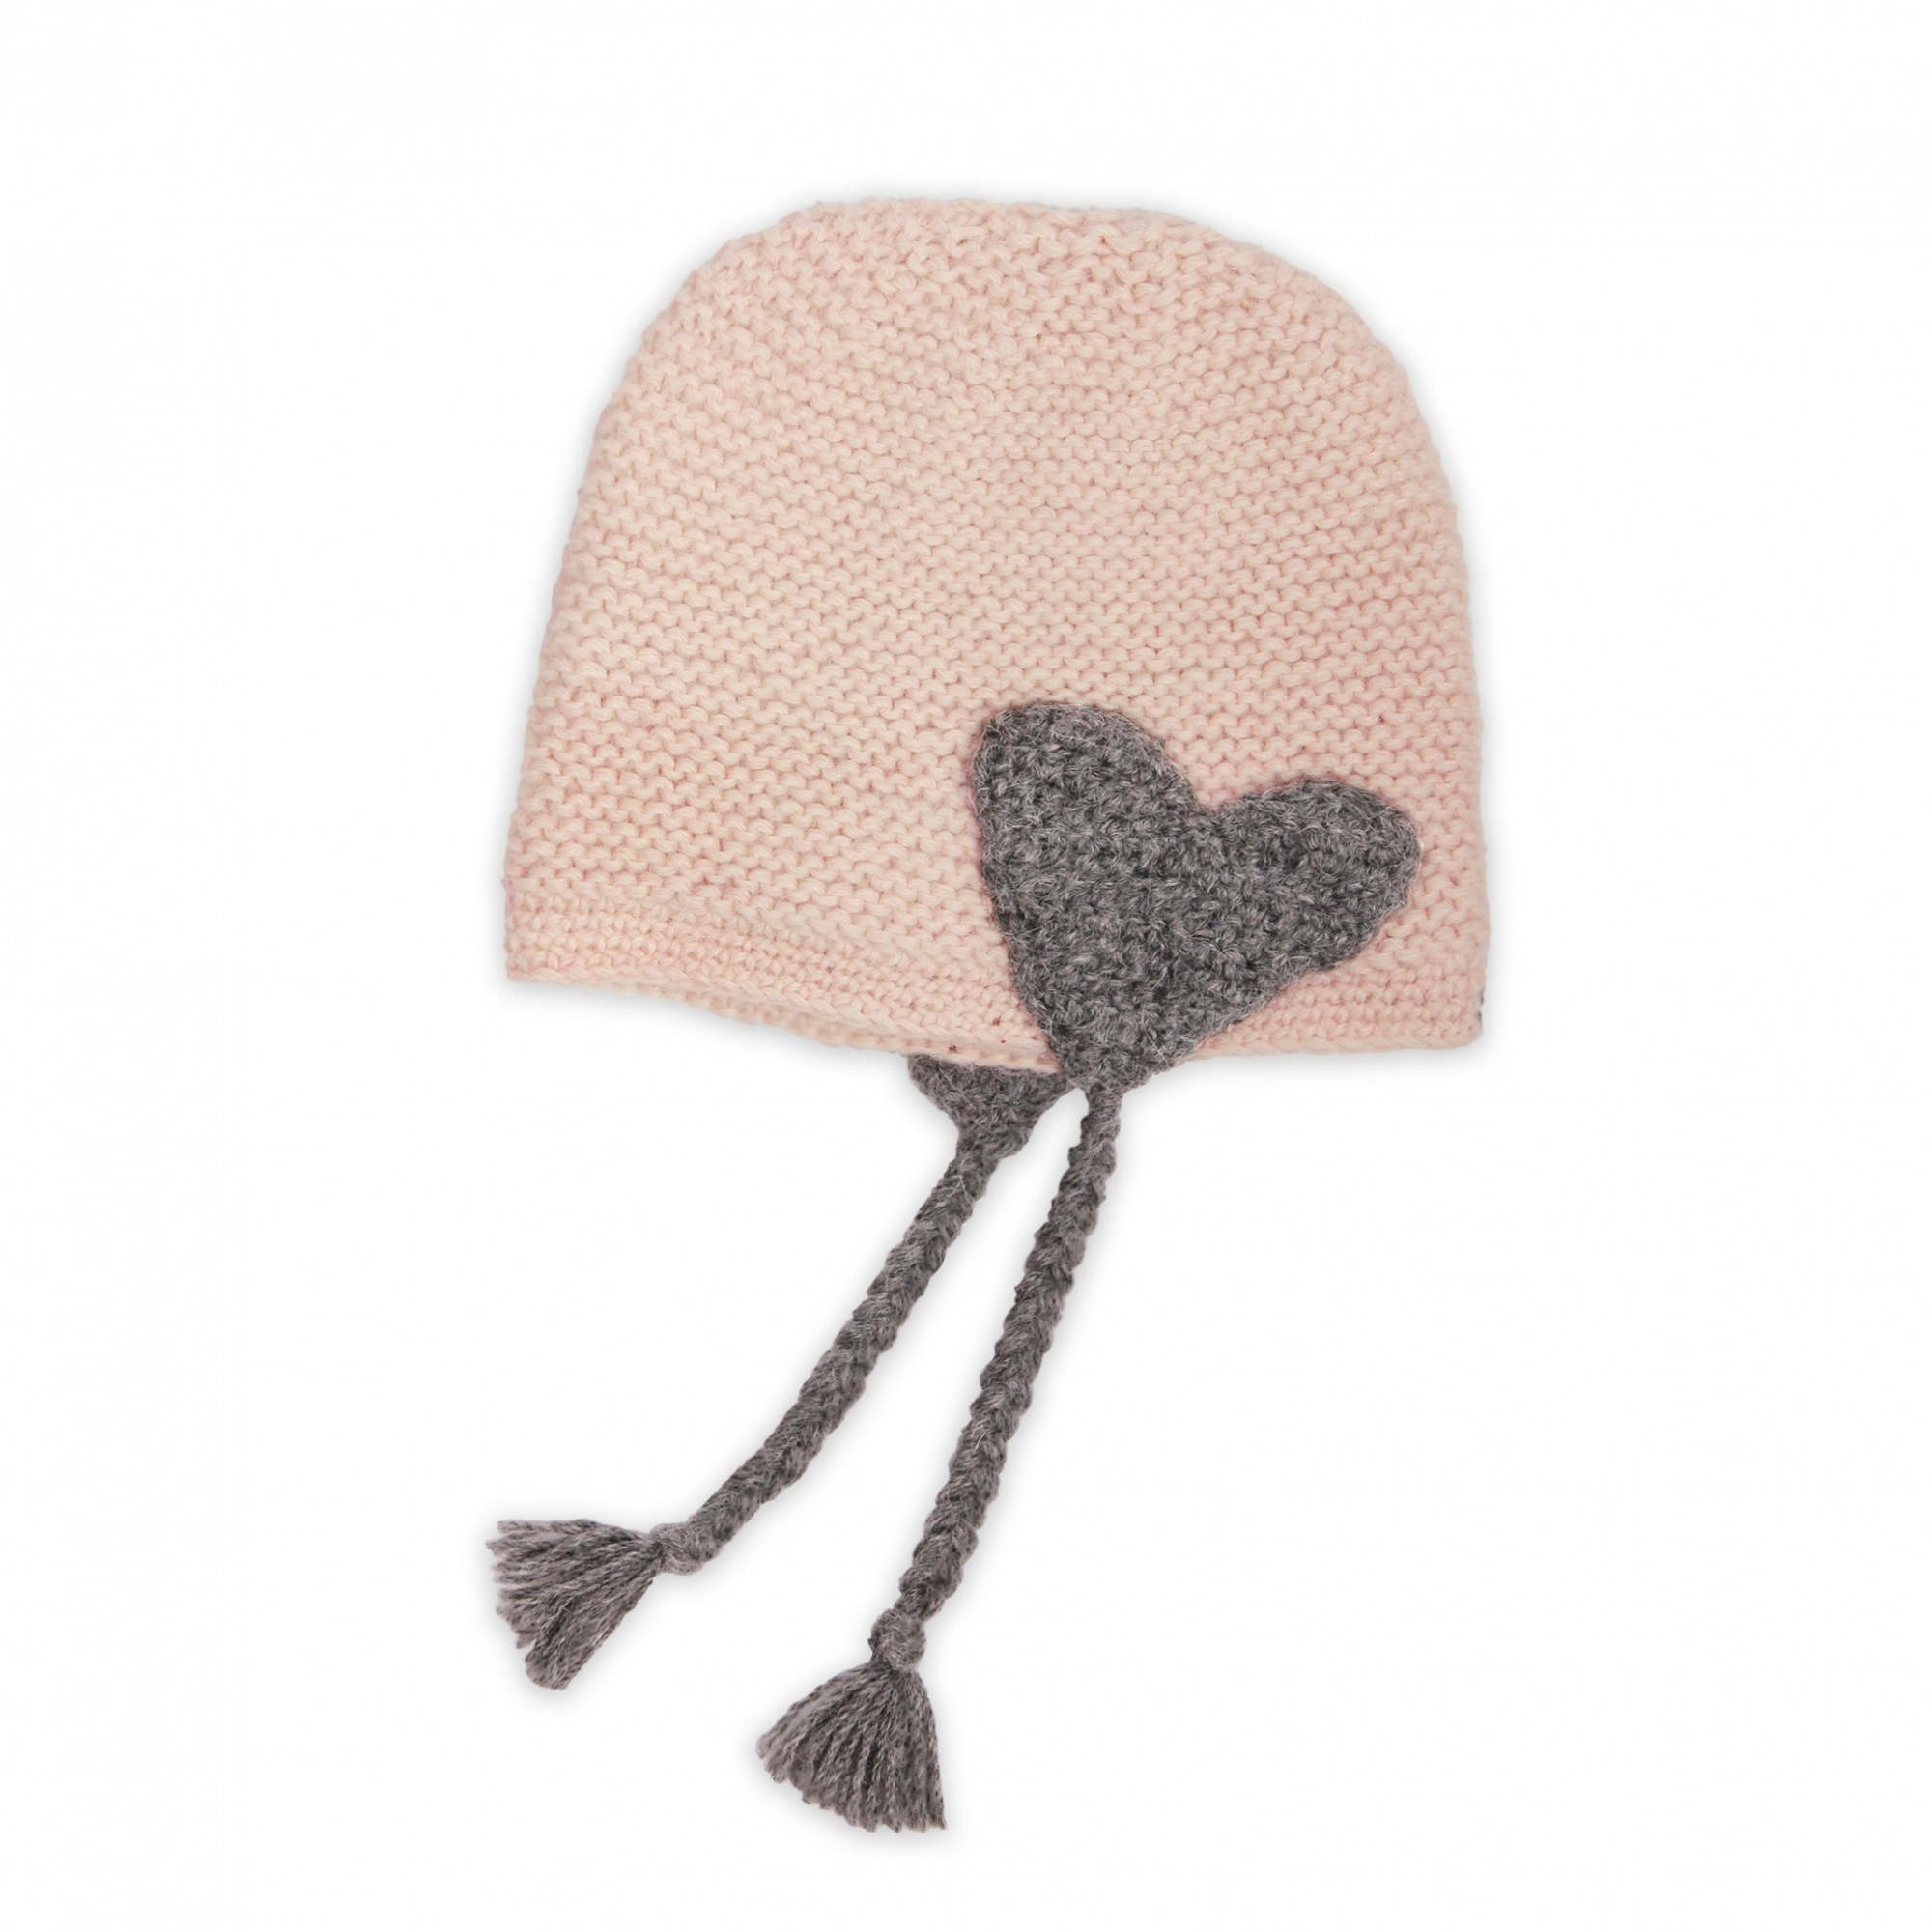 b6e56d39bb0c6 Bonnet bébé rose et gris en laine d\u0027alpaga au point mousse ...